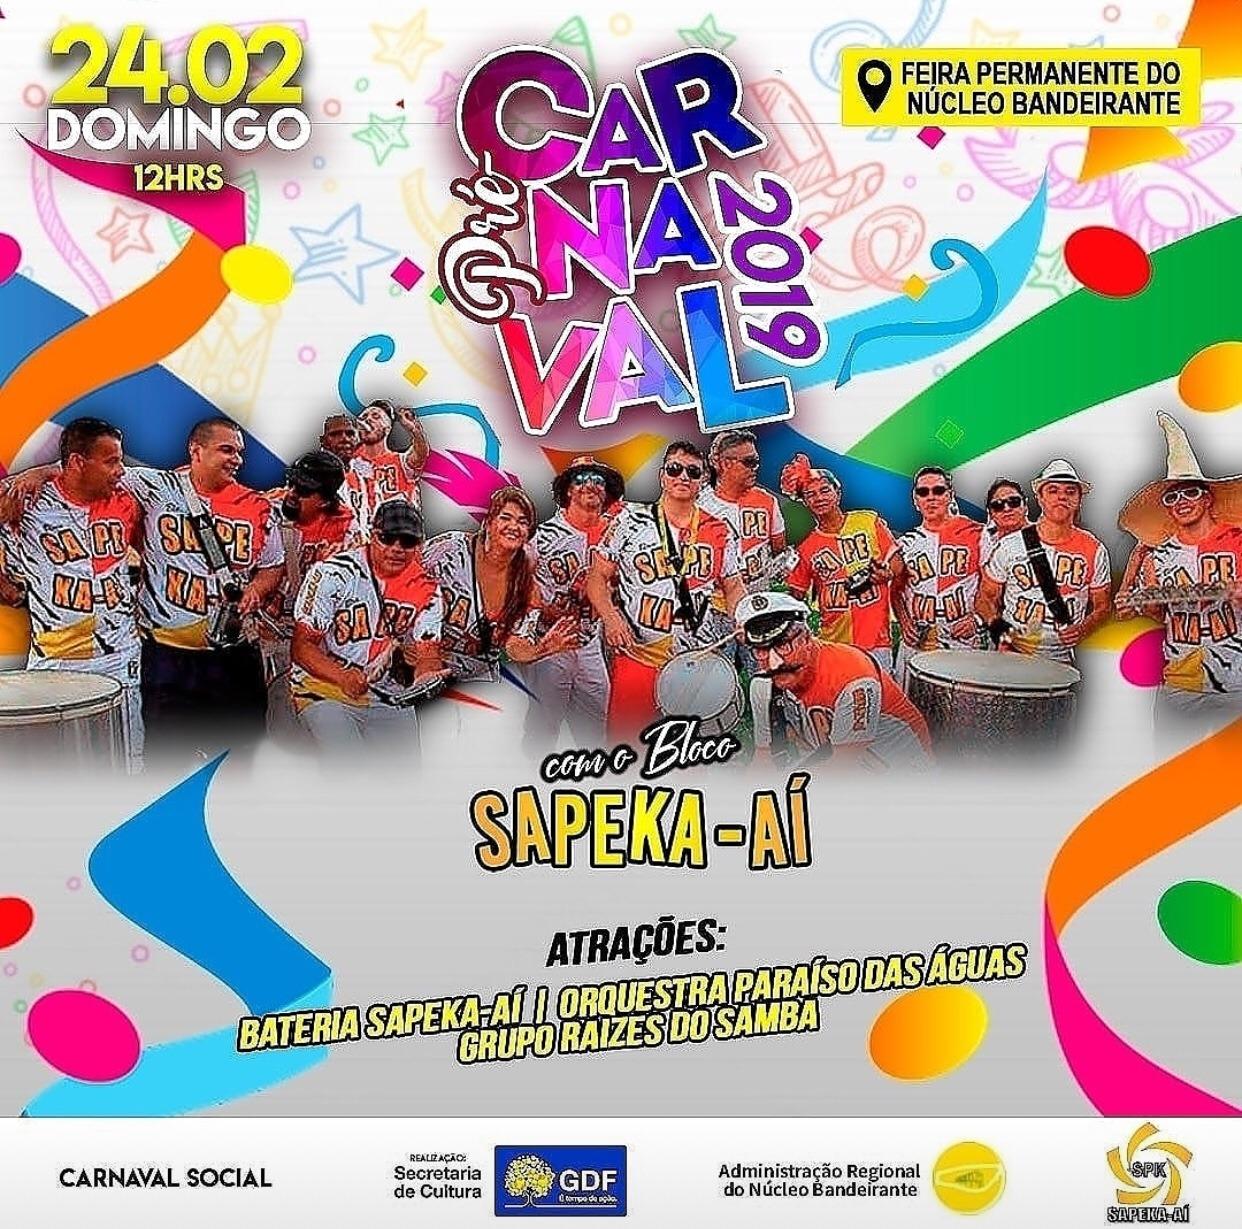 Bloco Sapeka-Aí realiza seu tradicional Pré-Carnaval da Família no Núcleo Bandeirante